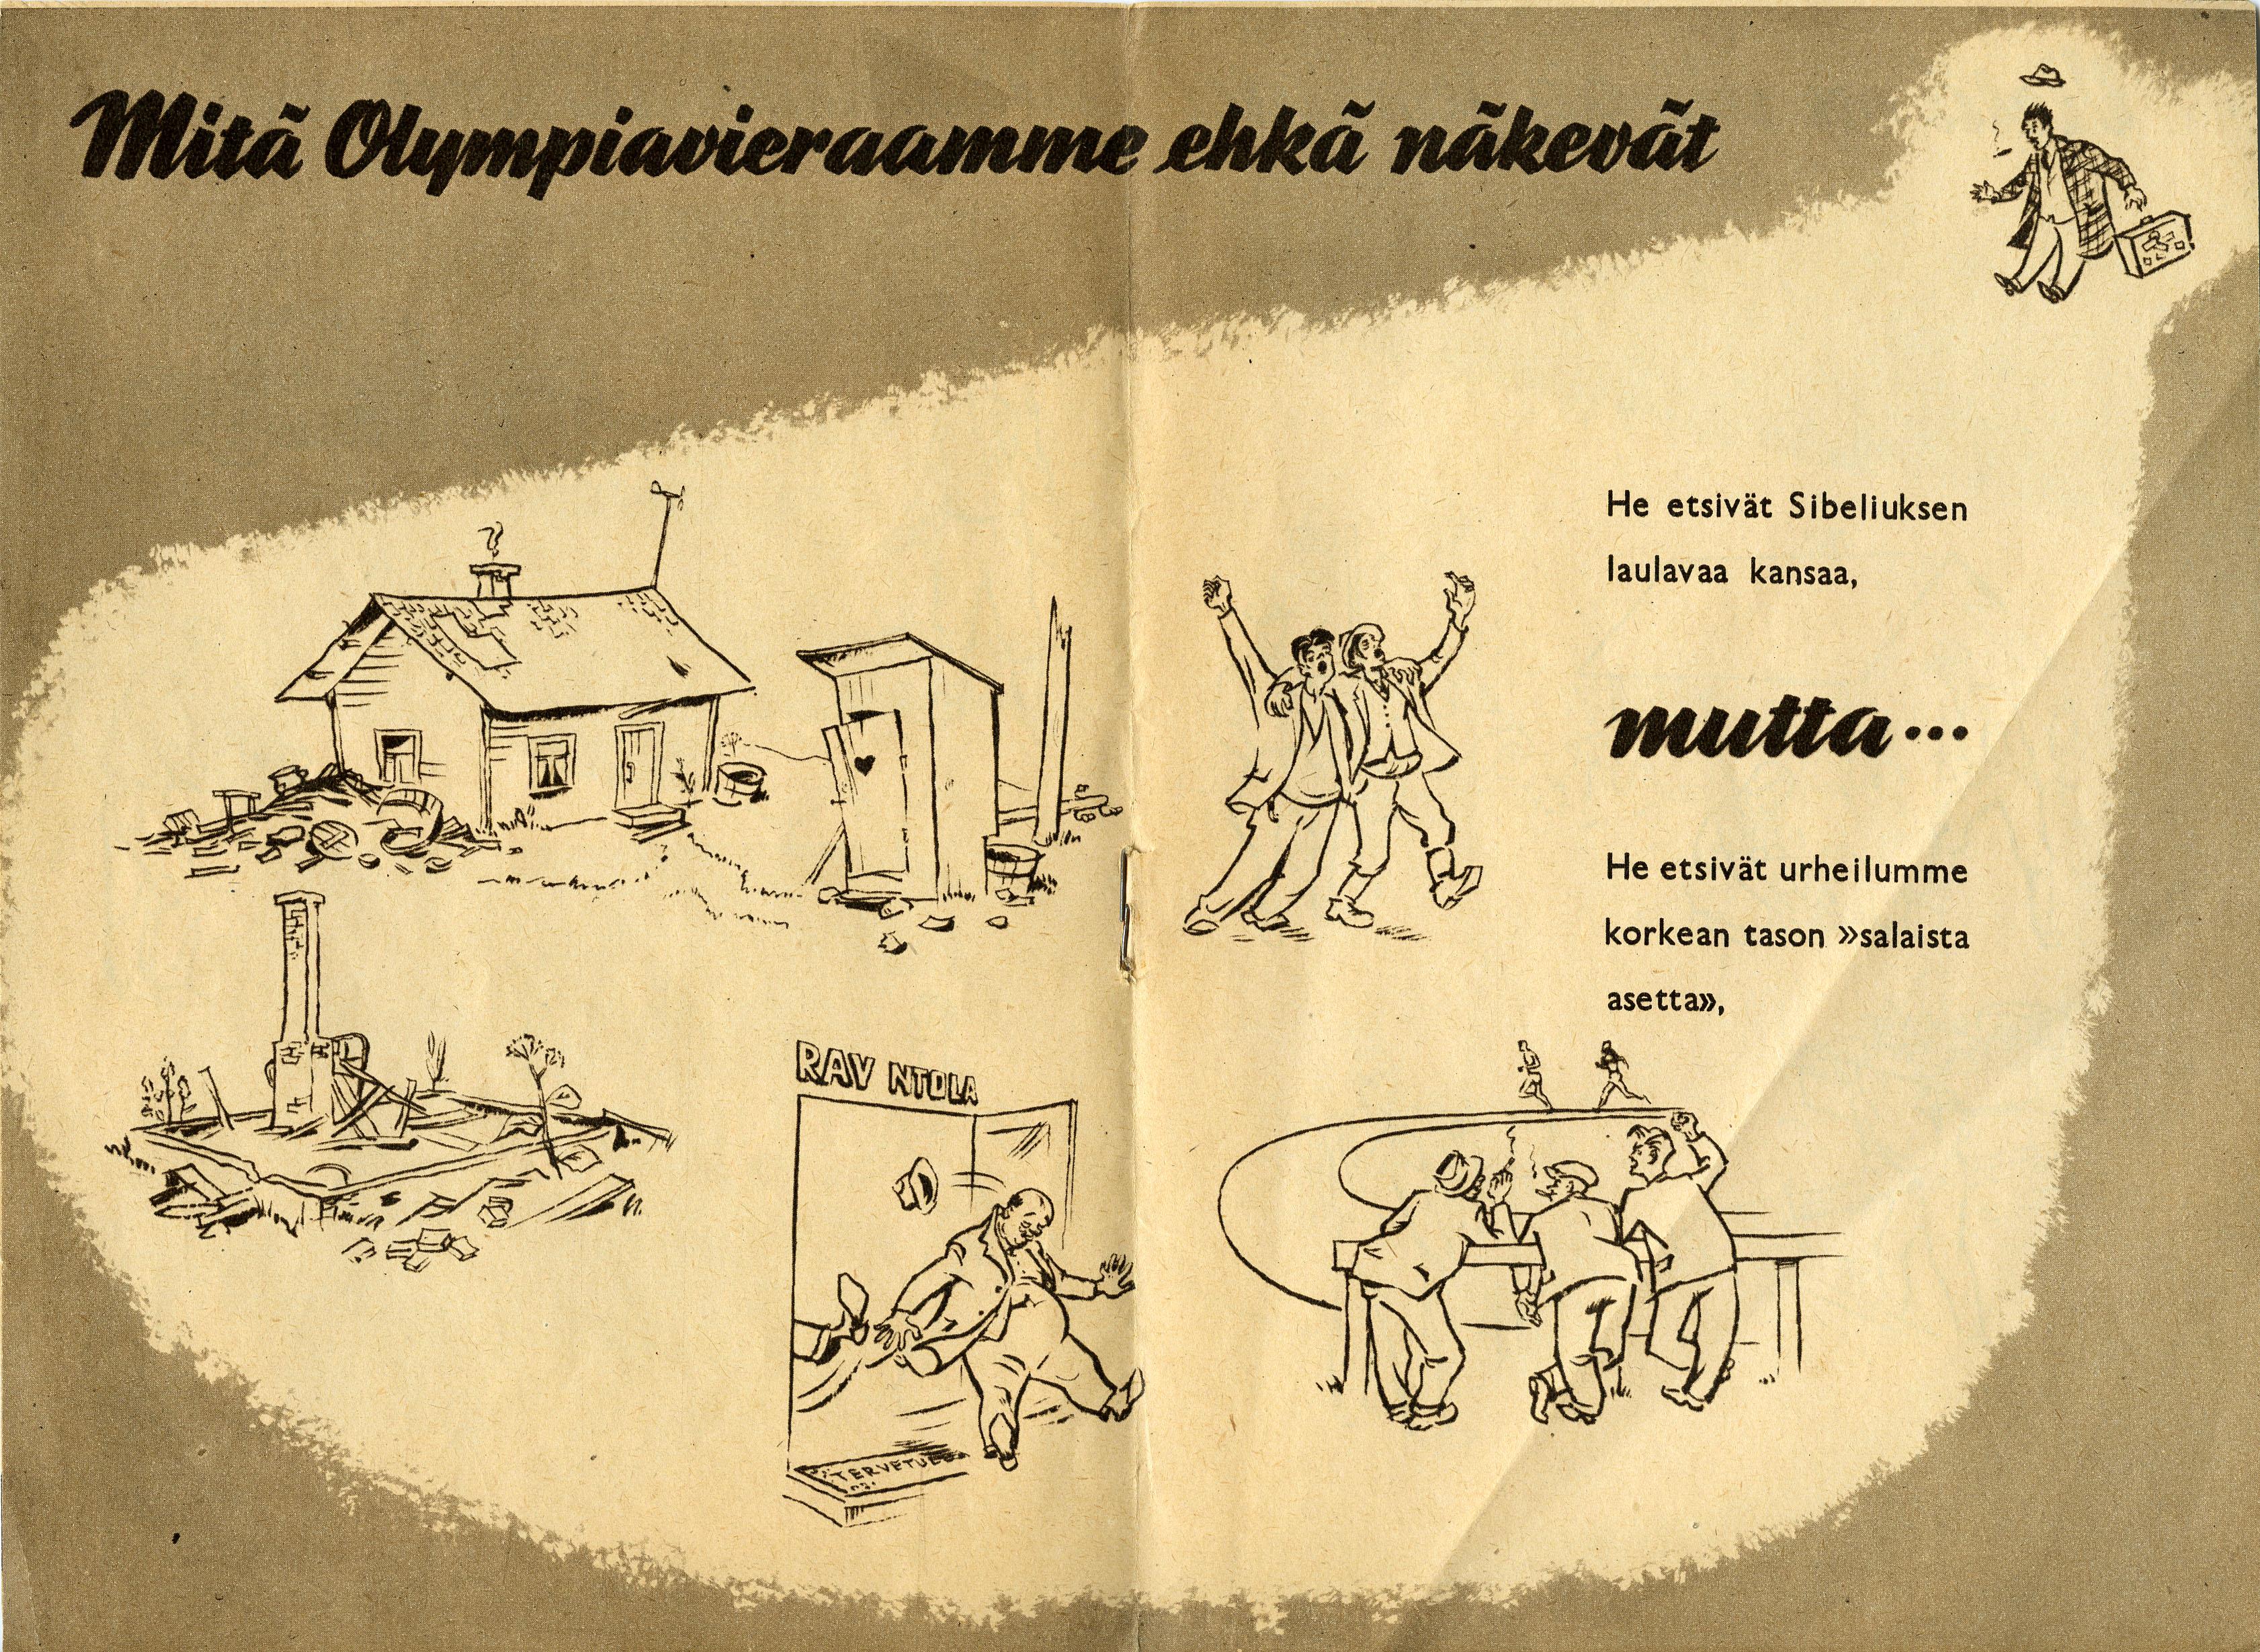 Kansanvalistusta ennen olympialaisia vuonna 1950